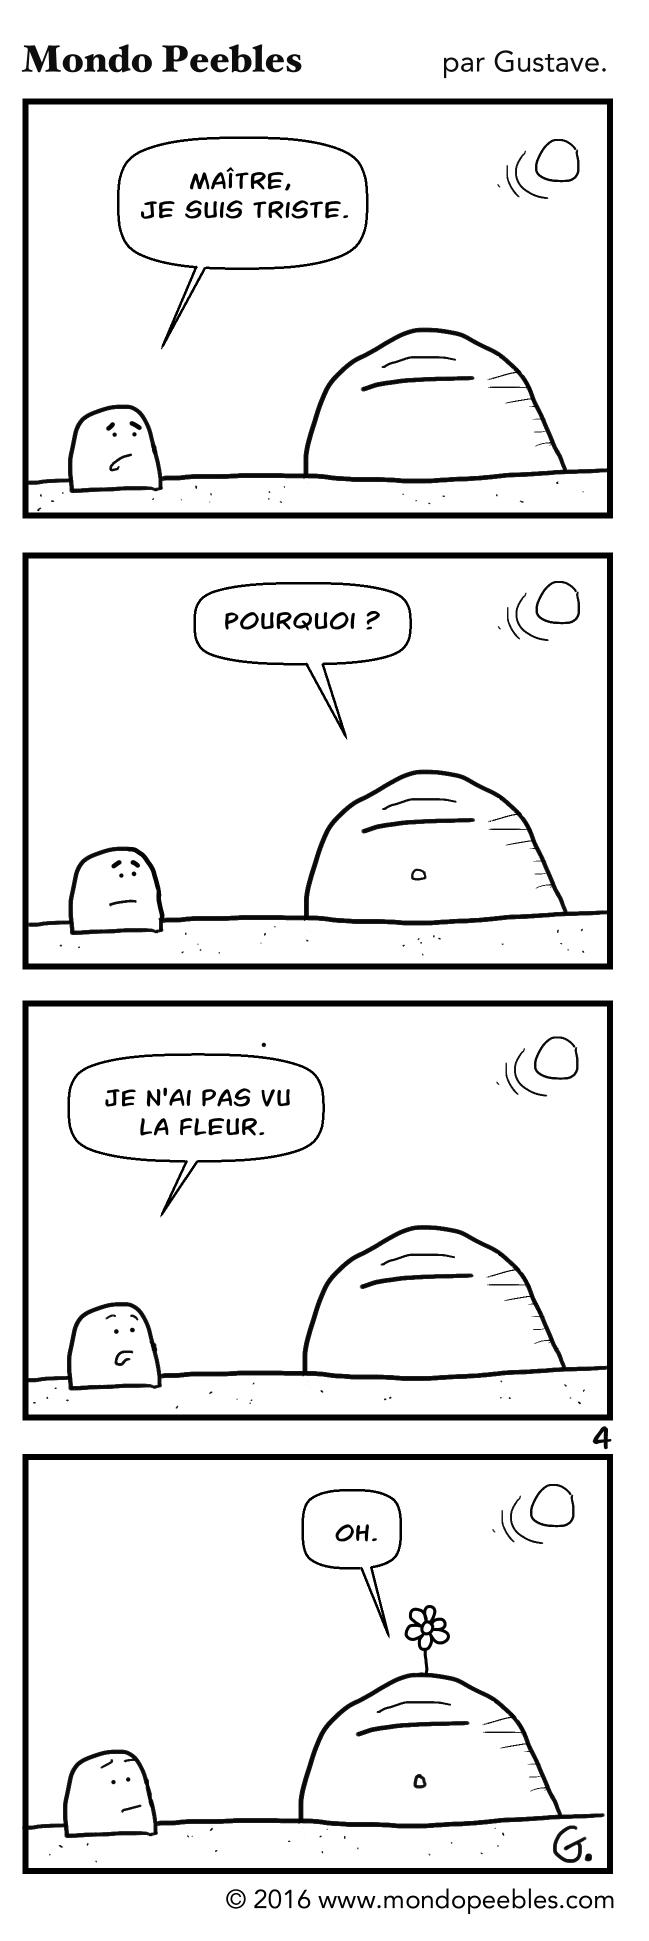 Mondopeebles04